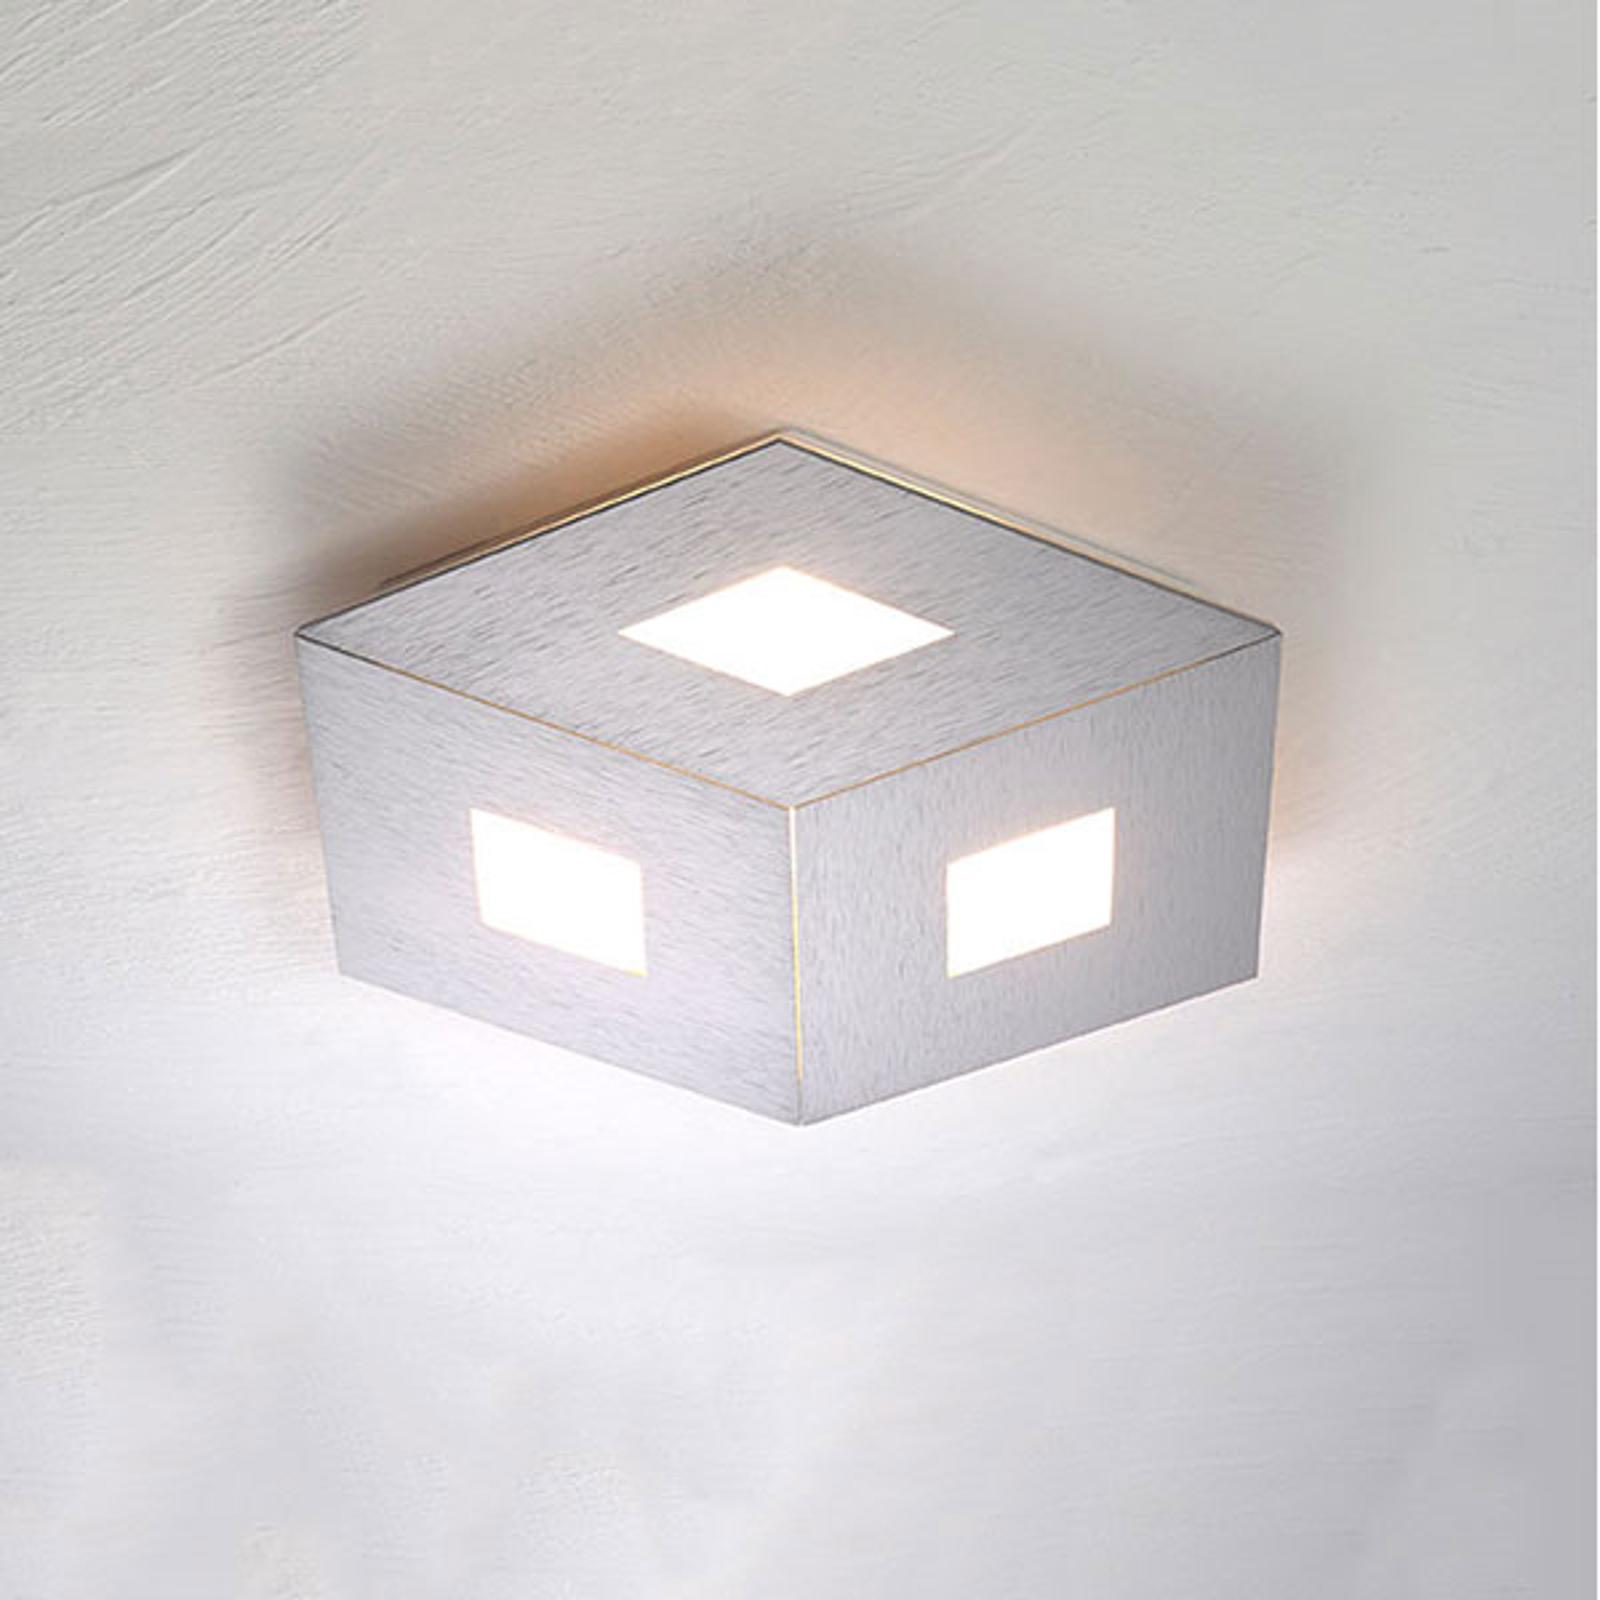 Bopp Box Comfort LED-Deckenlampe silber 35cm